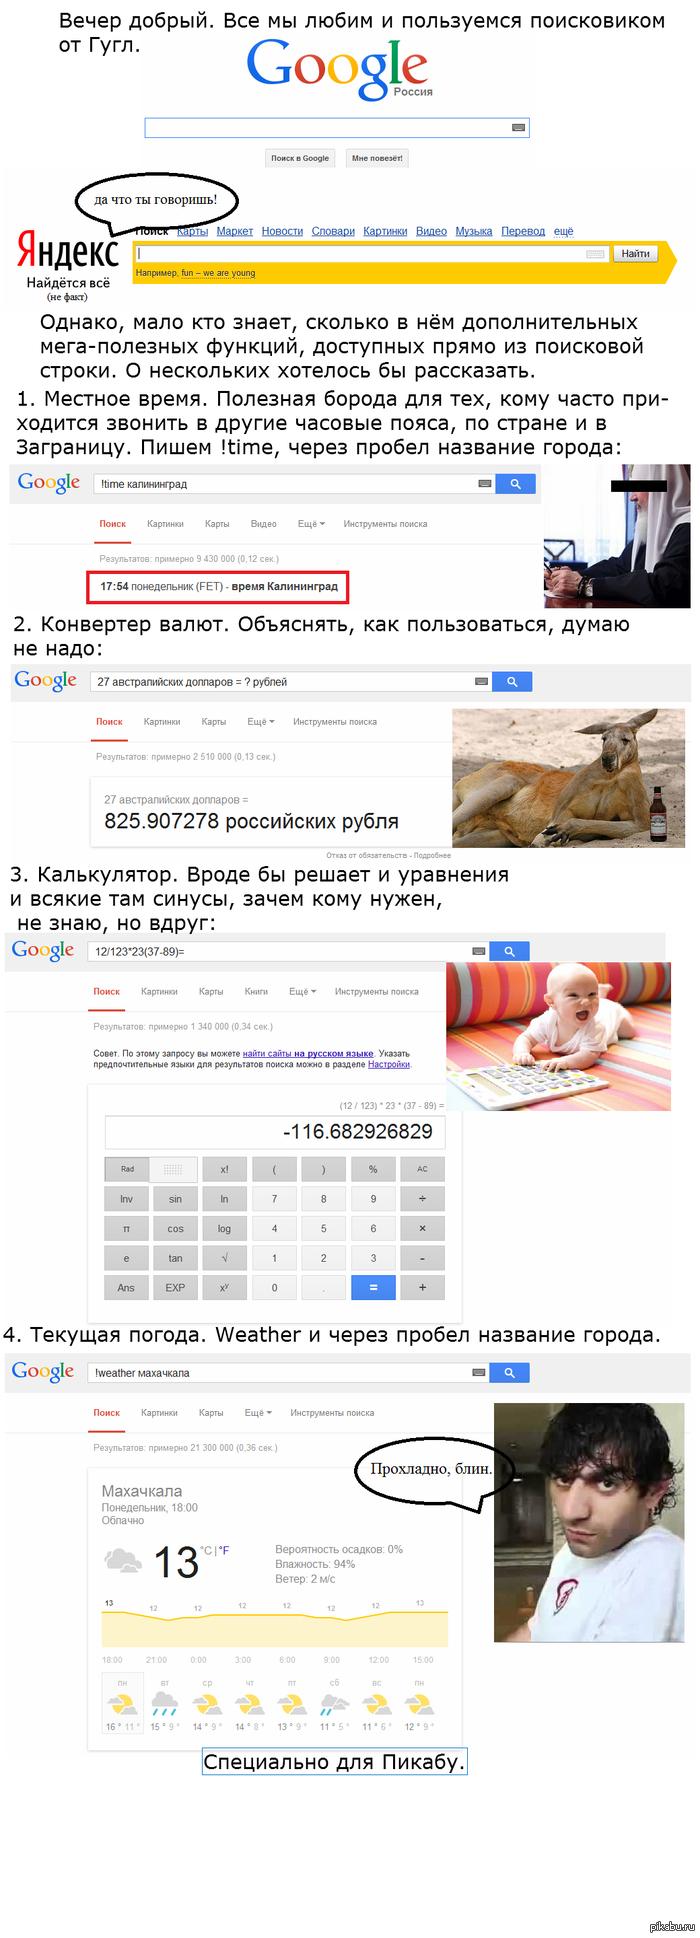 Скрытые возможности Google Описание нескольких вспомогательных функций популярного поисковика google.com